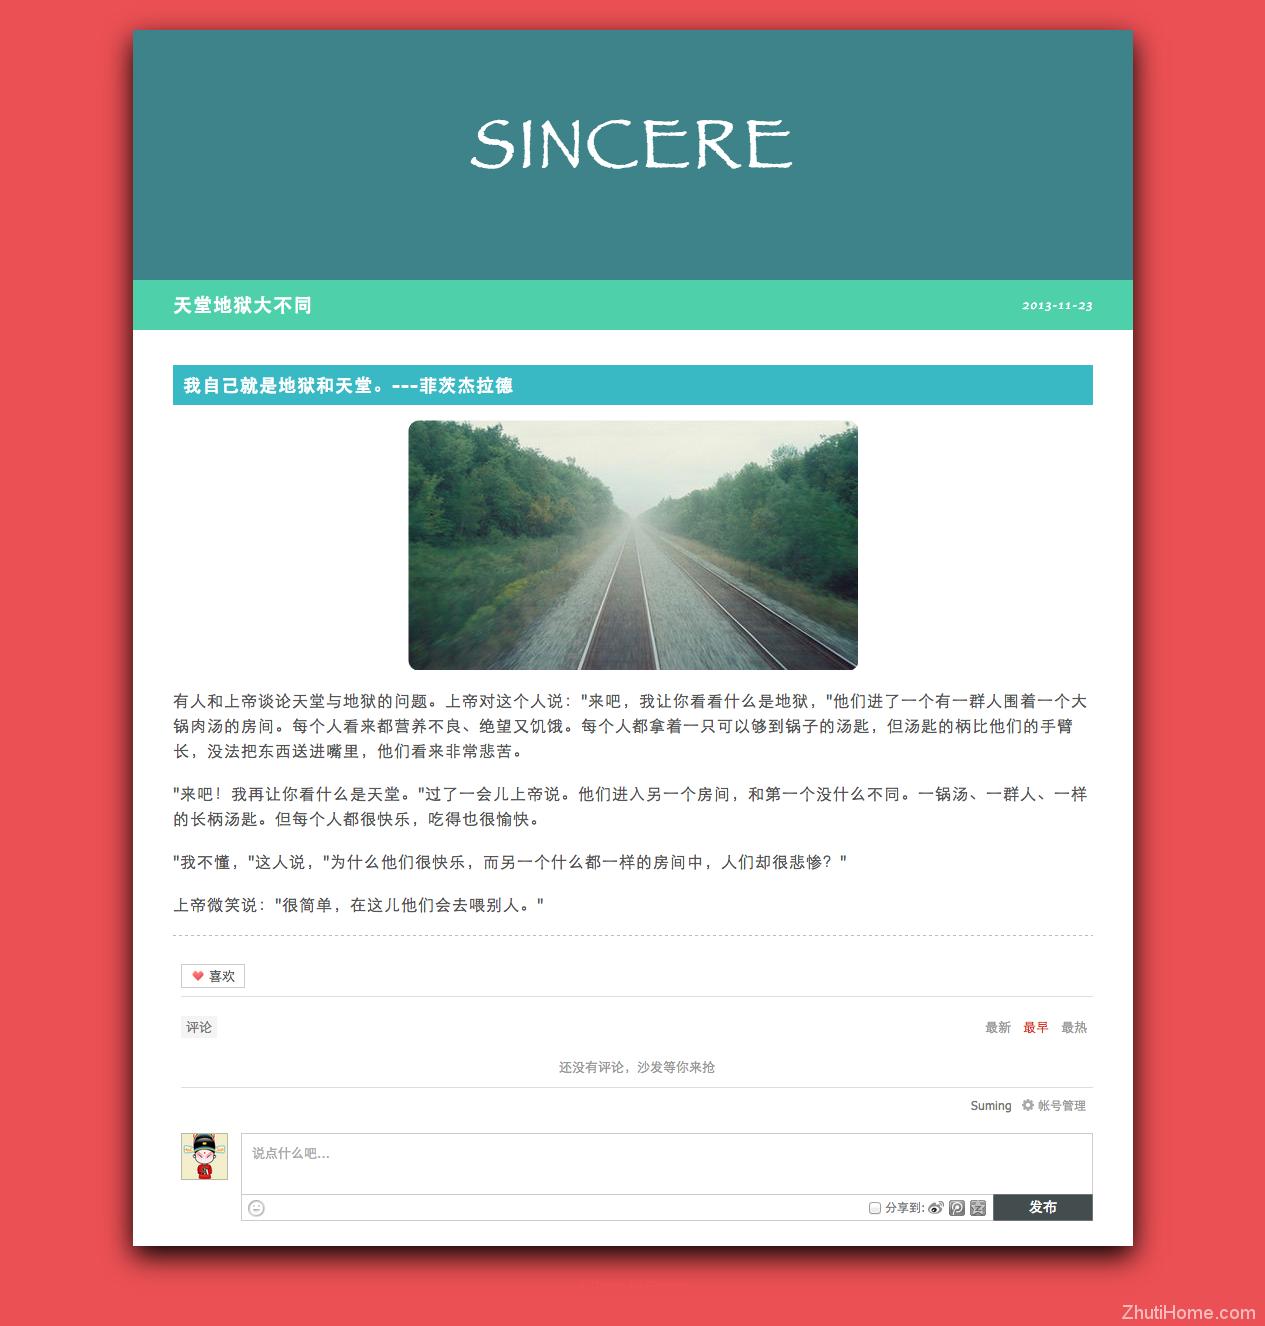 Nocower-Sincere